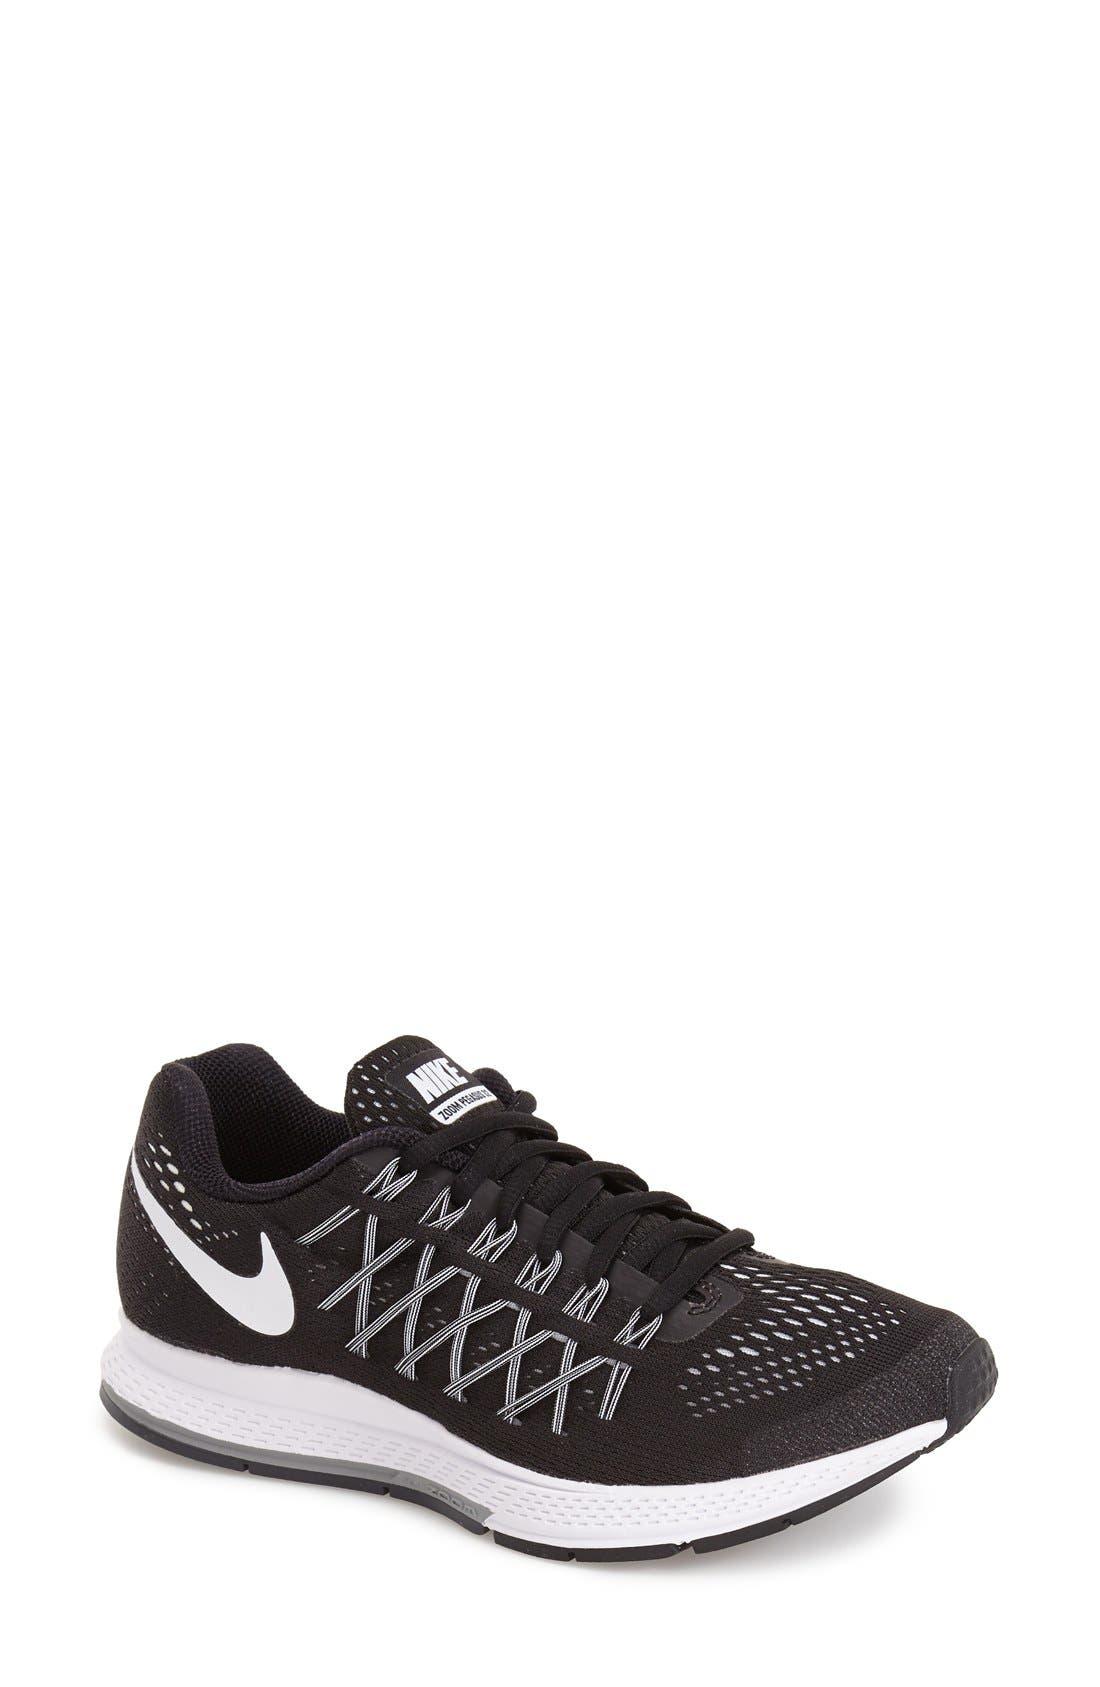 'Zoom Pegasus 32' Running Shoe,                         Main,                         color, Black/ White/ Pure Platinum